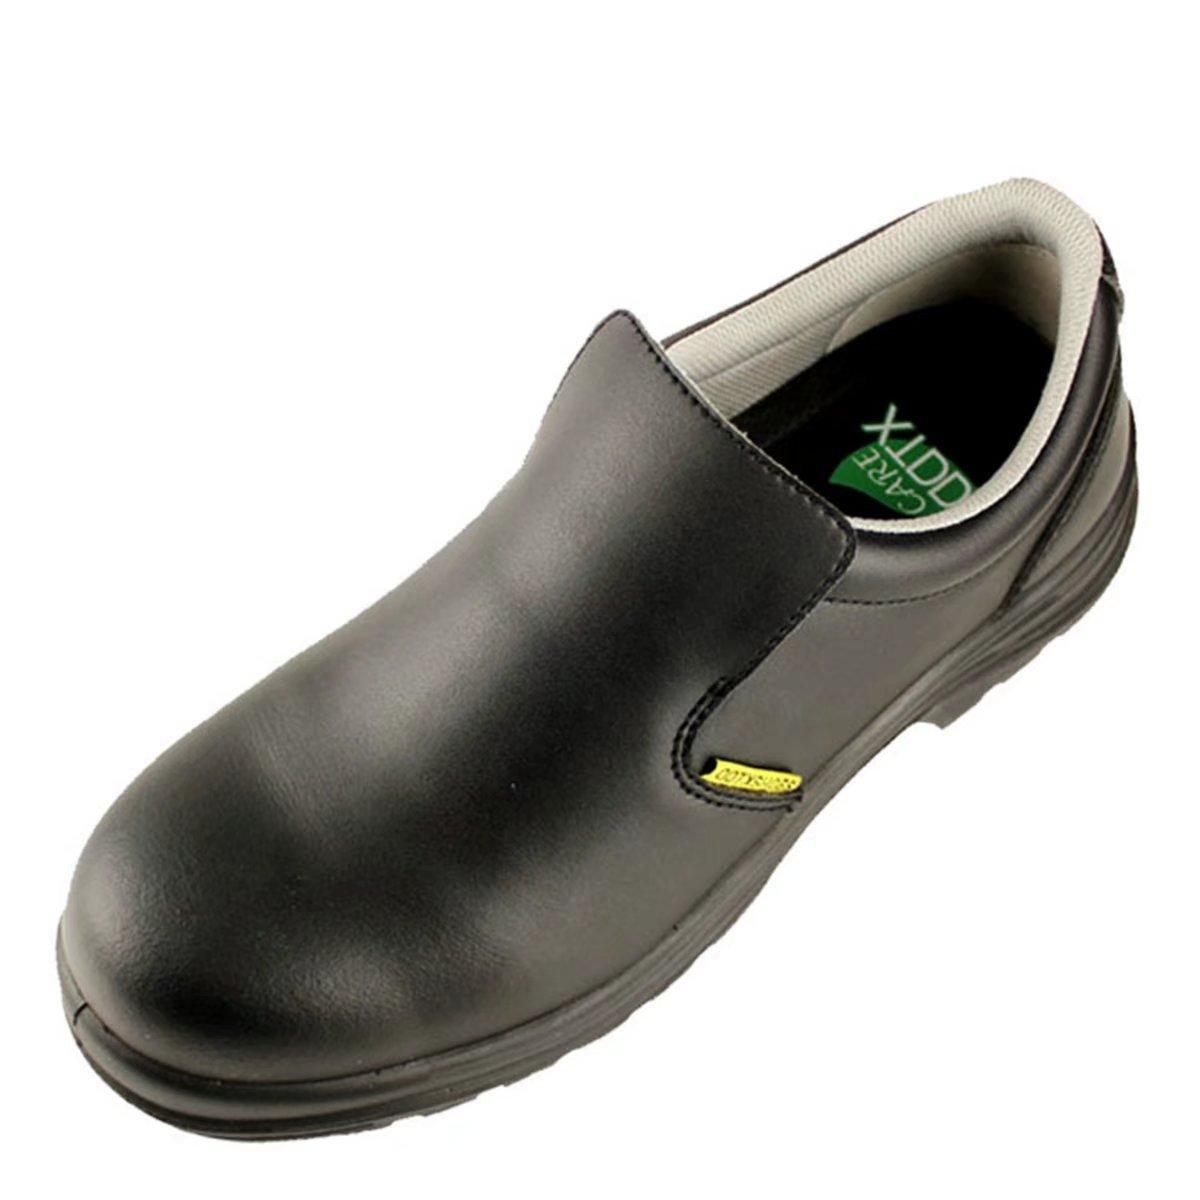 DDTX Zapatos de Seguridad Hombre Antideslizante S2 SRC Calzado de Trabajo Puntera de Composite Antiestá ticos Có modo Negro